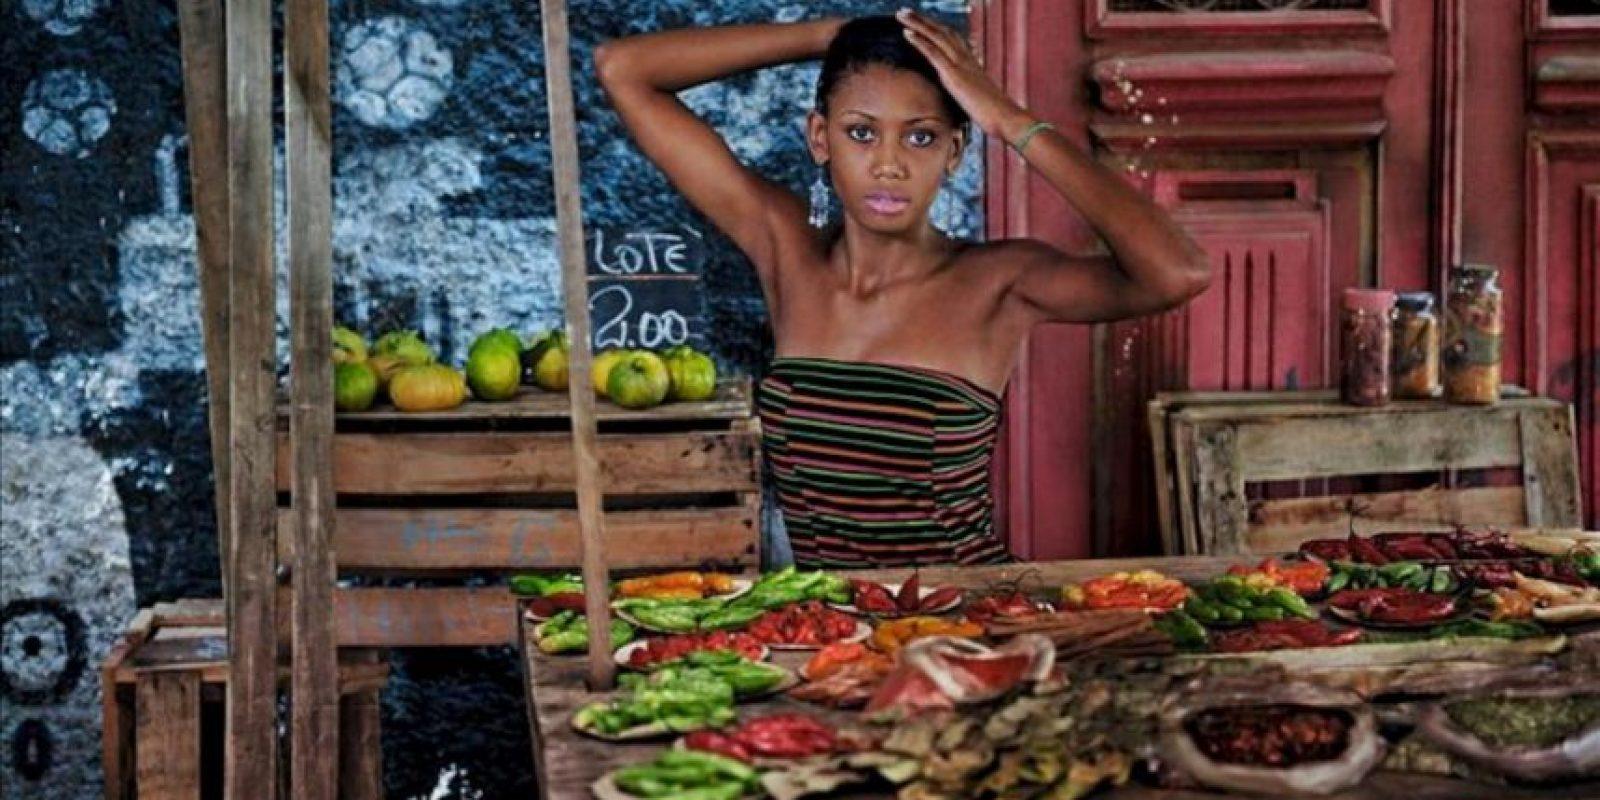 Fotografía cedida este 27 de noviembre, que muestra a una joven en una de las fotografías del calendario Pirelli 2013, que fue presentado en Río de Janeiro. EFE